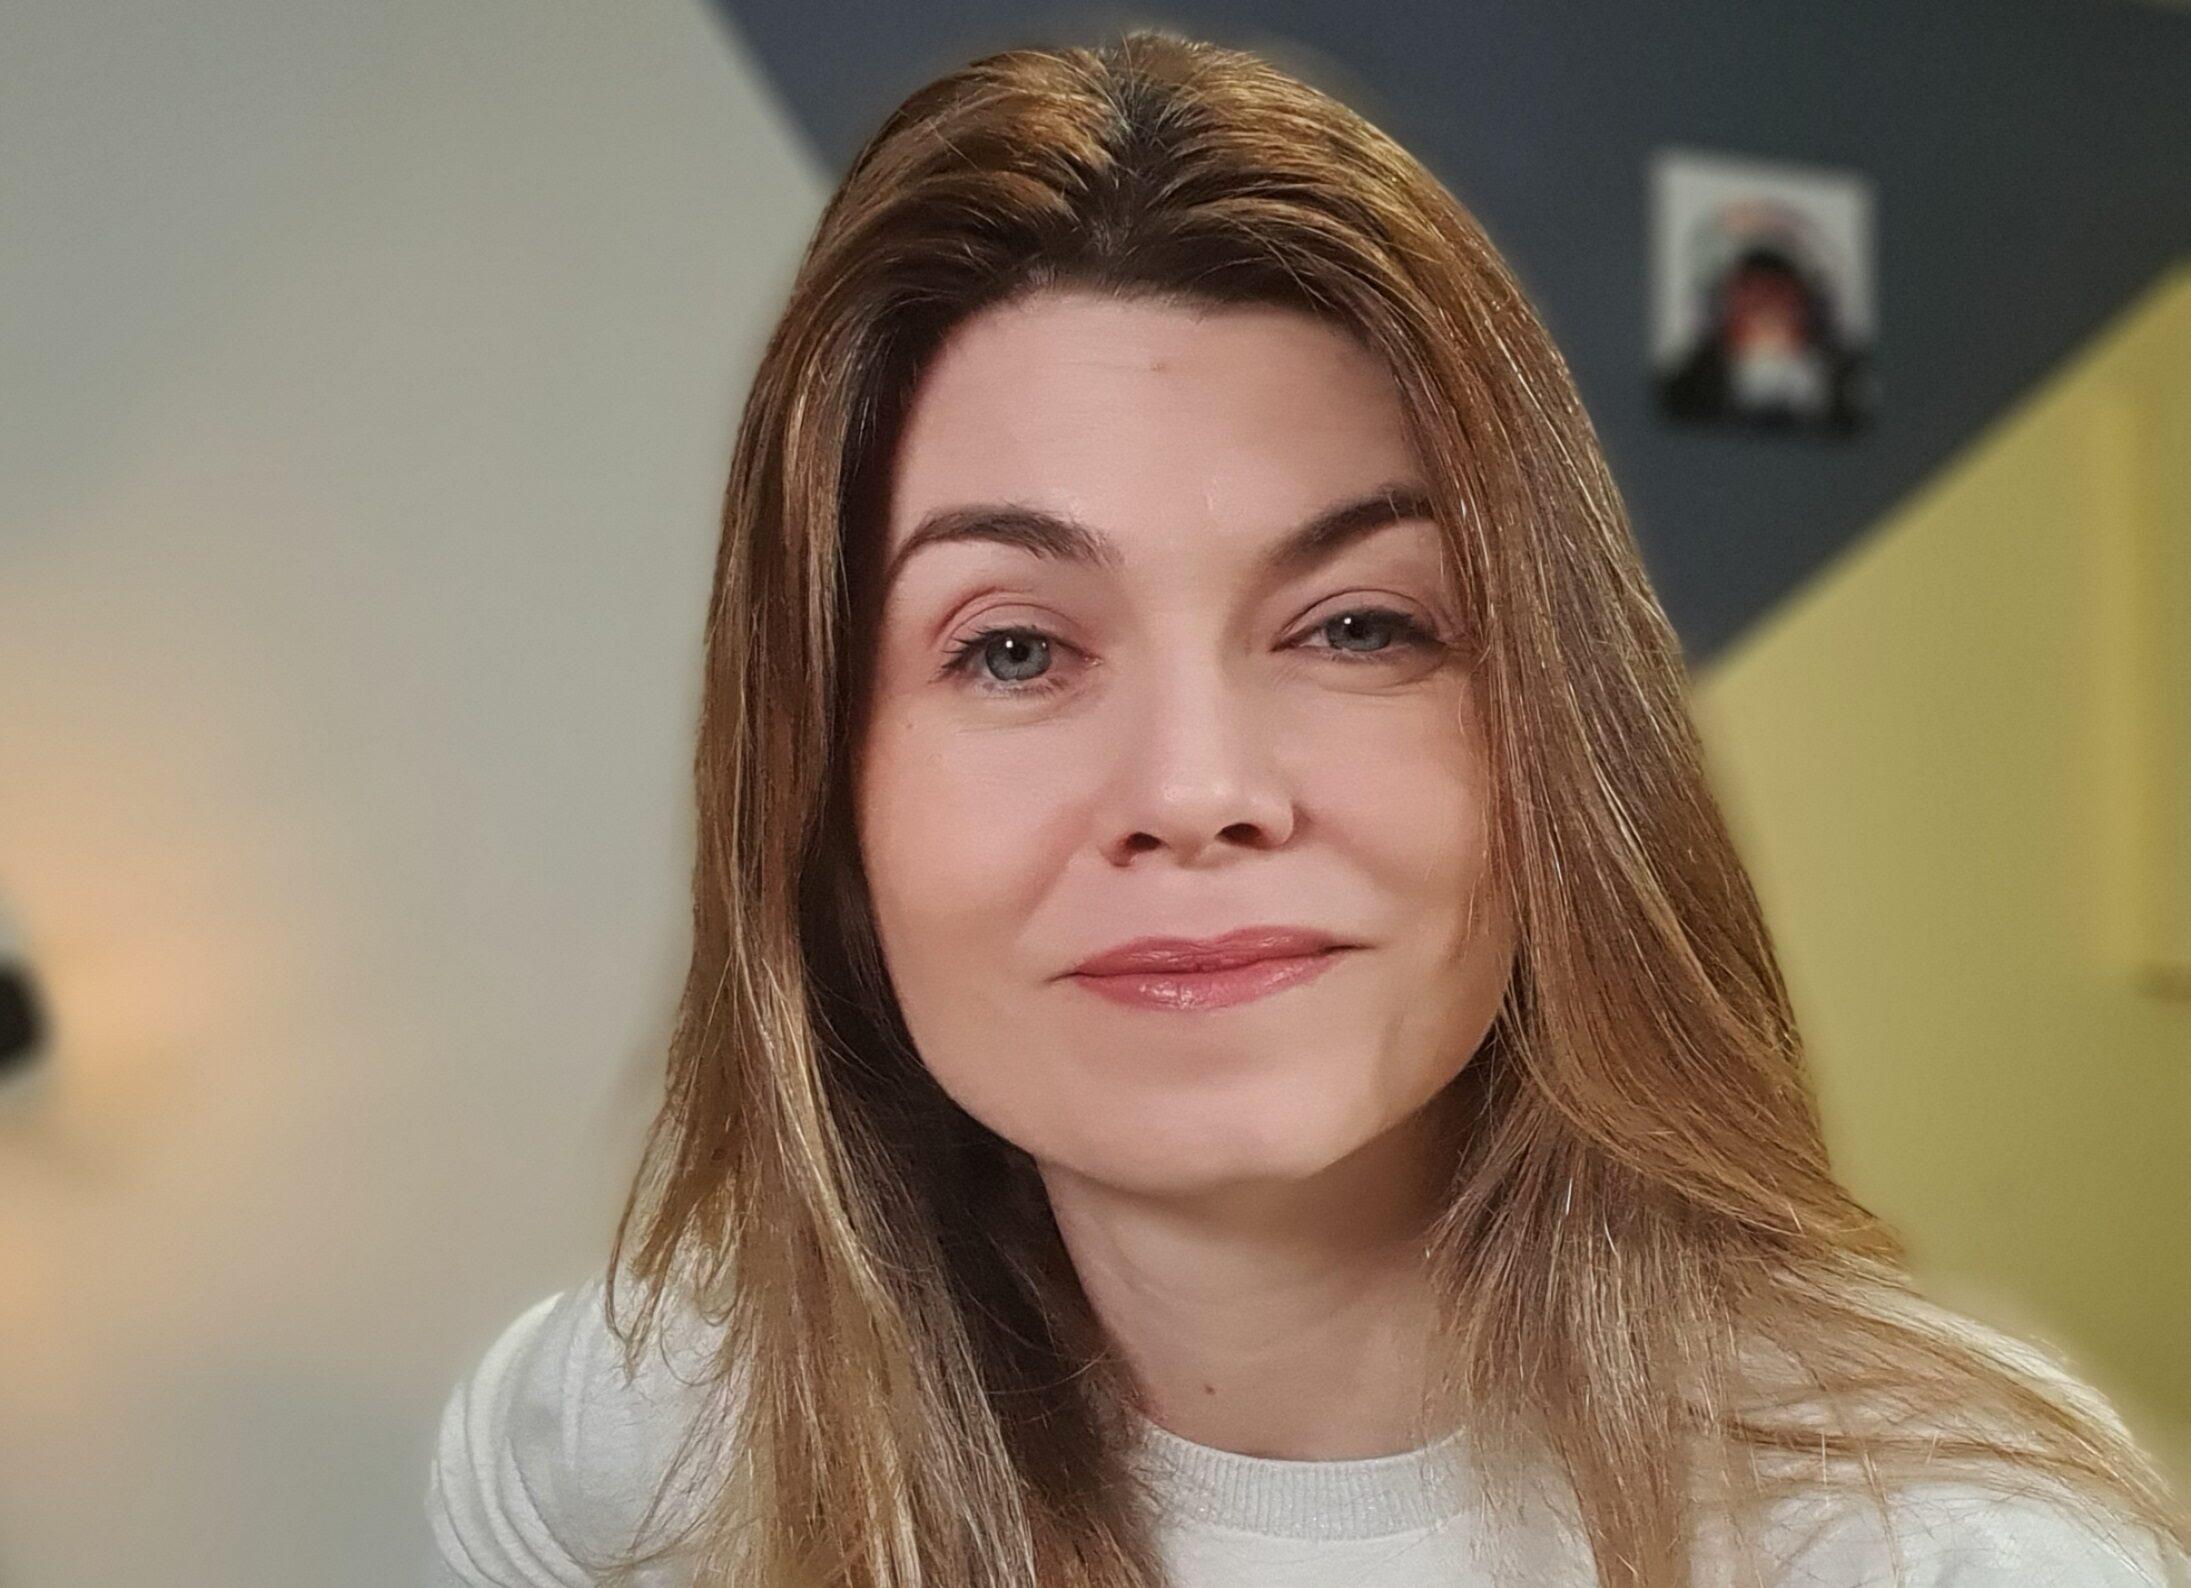 Nilce Moretto é apontada como uma das mulheres mais essenciais do Twitter